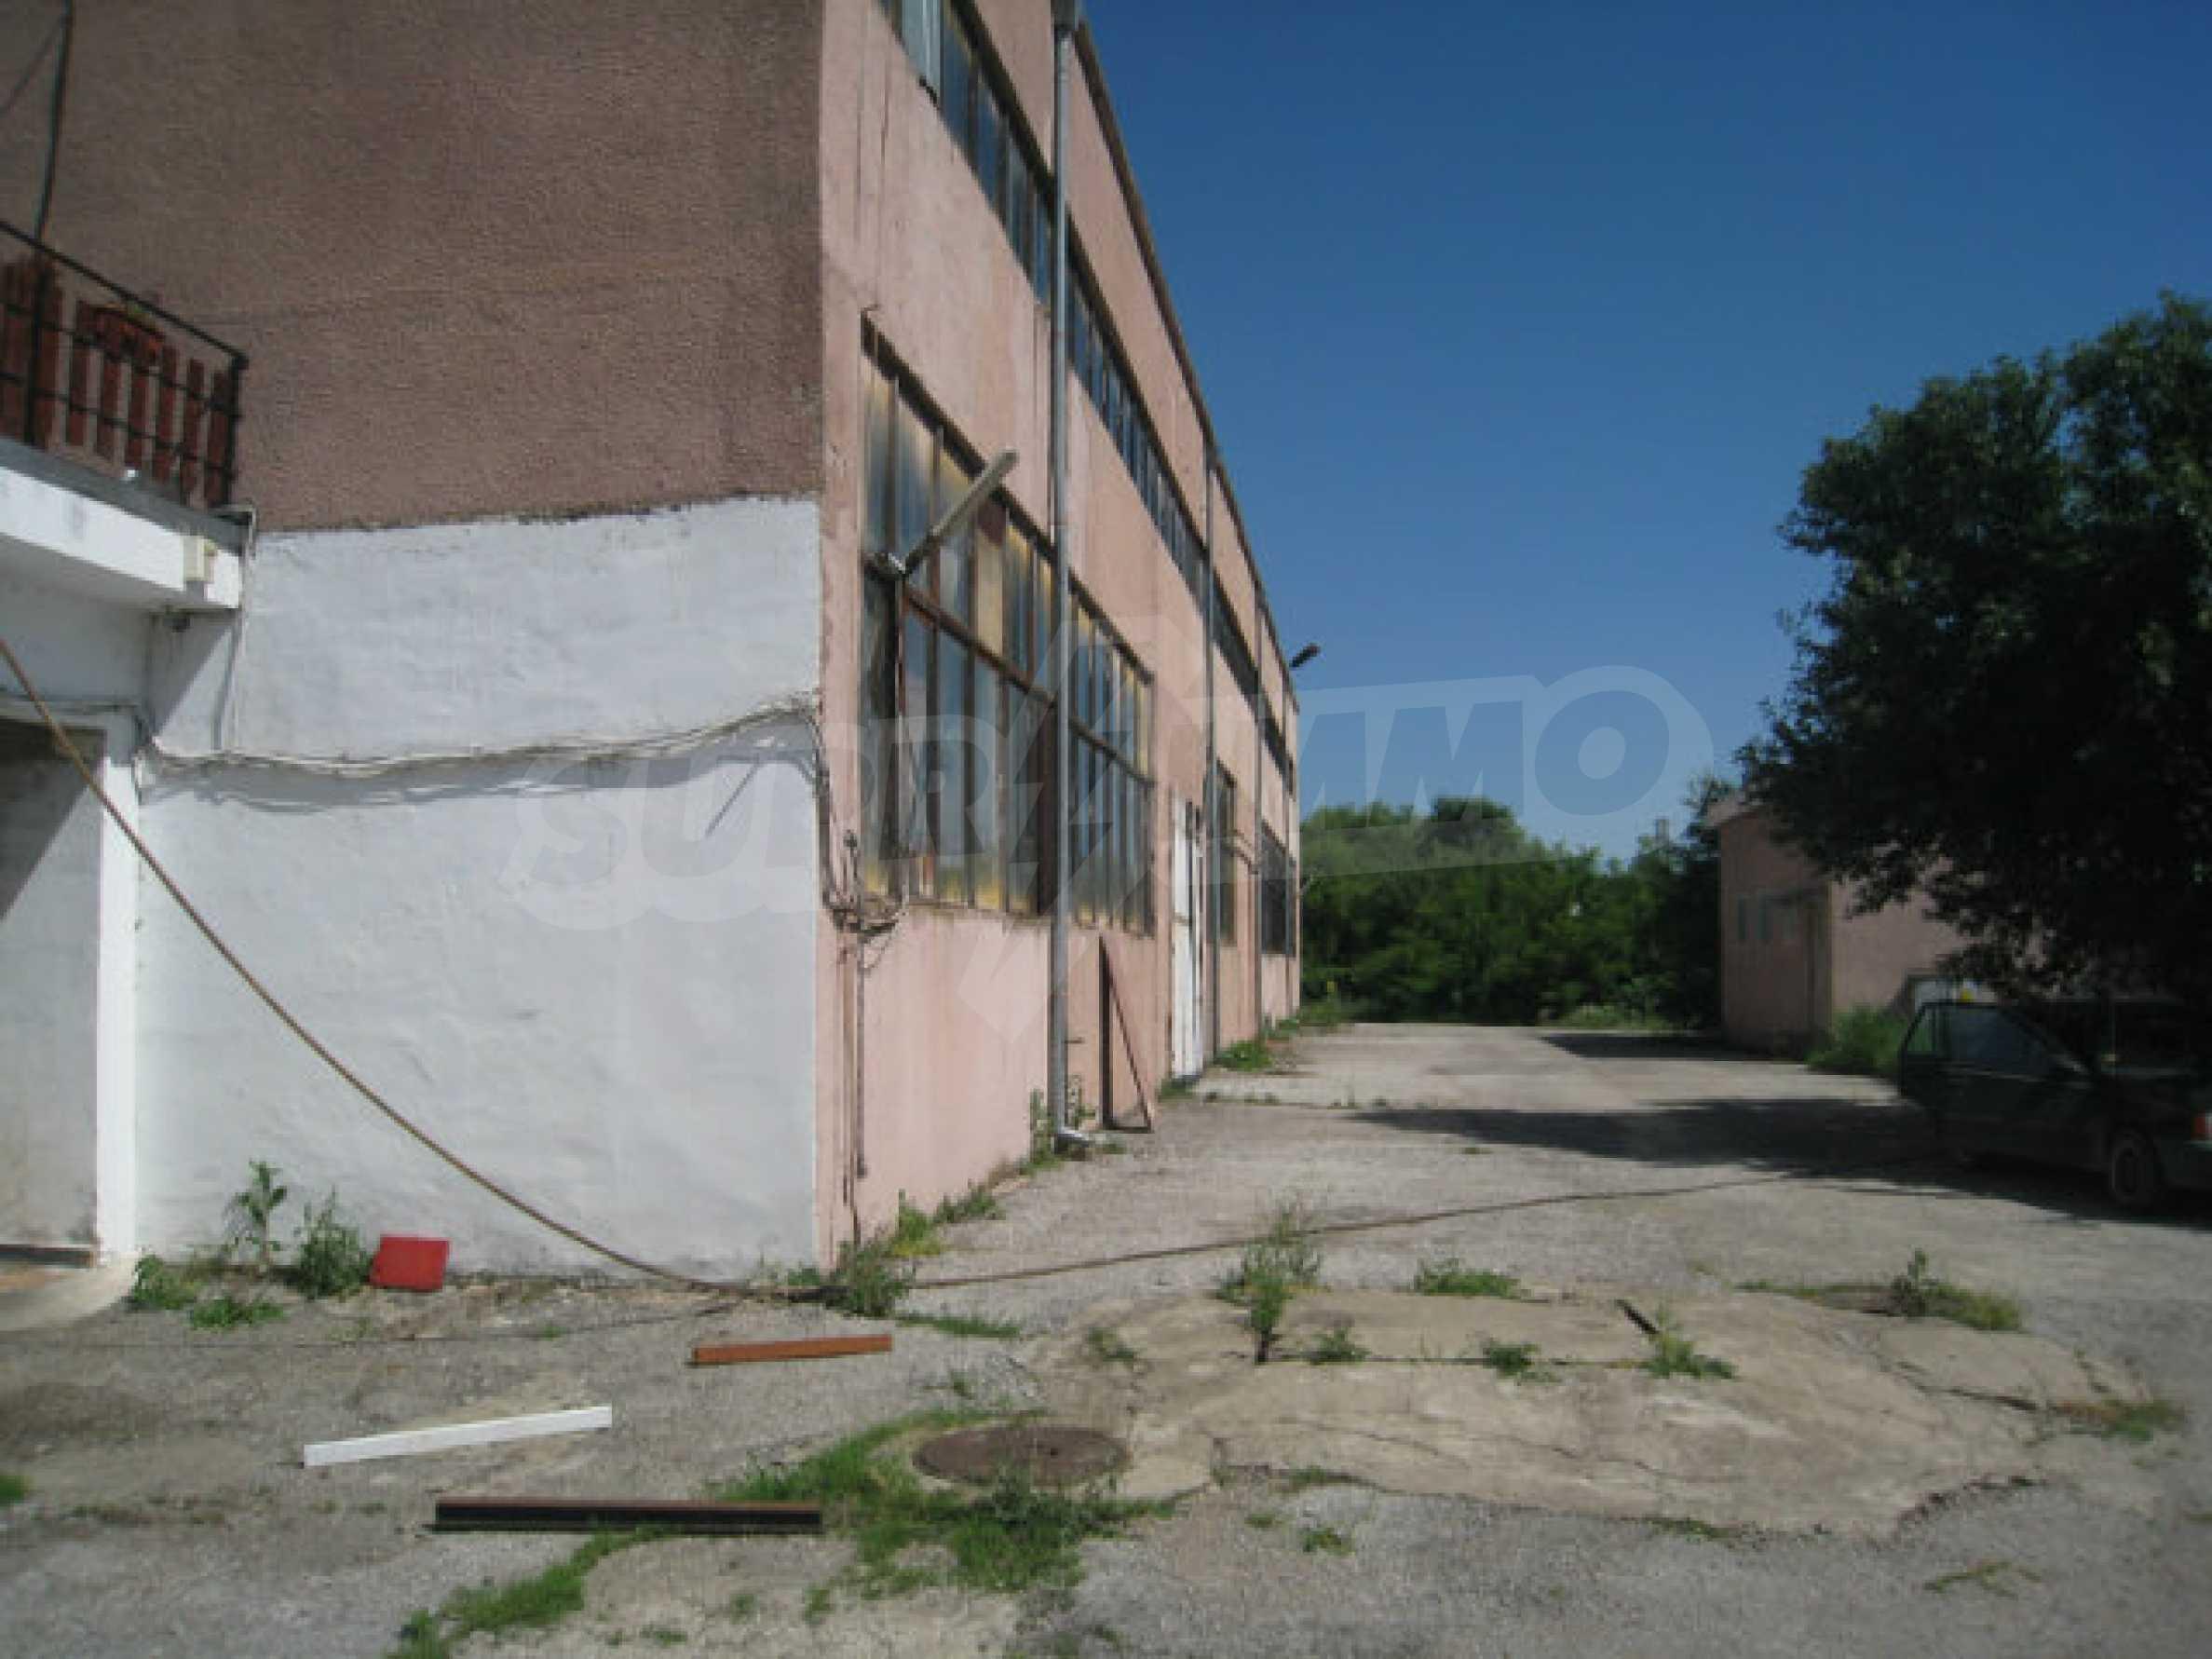 Produktionsgebäude mit Dienstleistungs- und Verwaltungsgebäude in der Nähe von Monatan 23